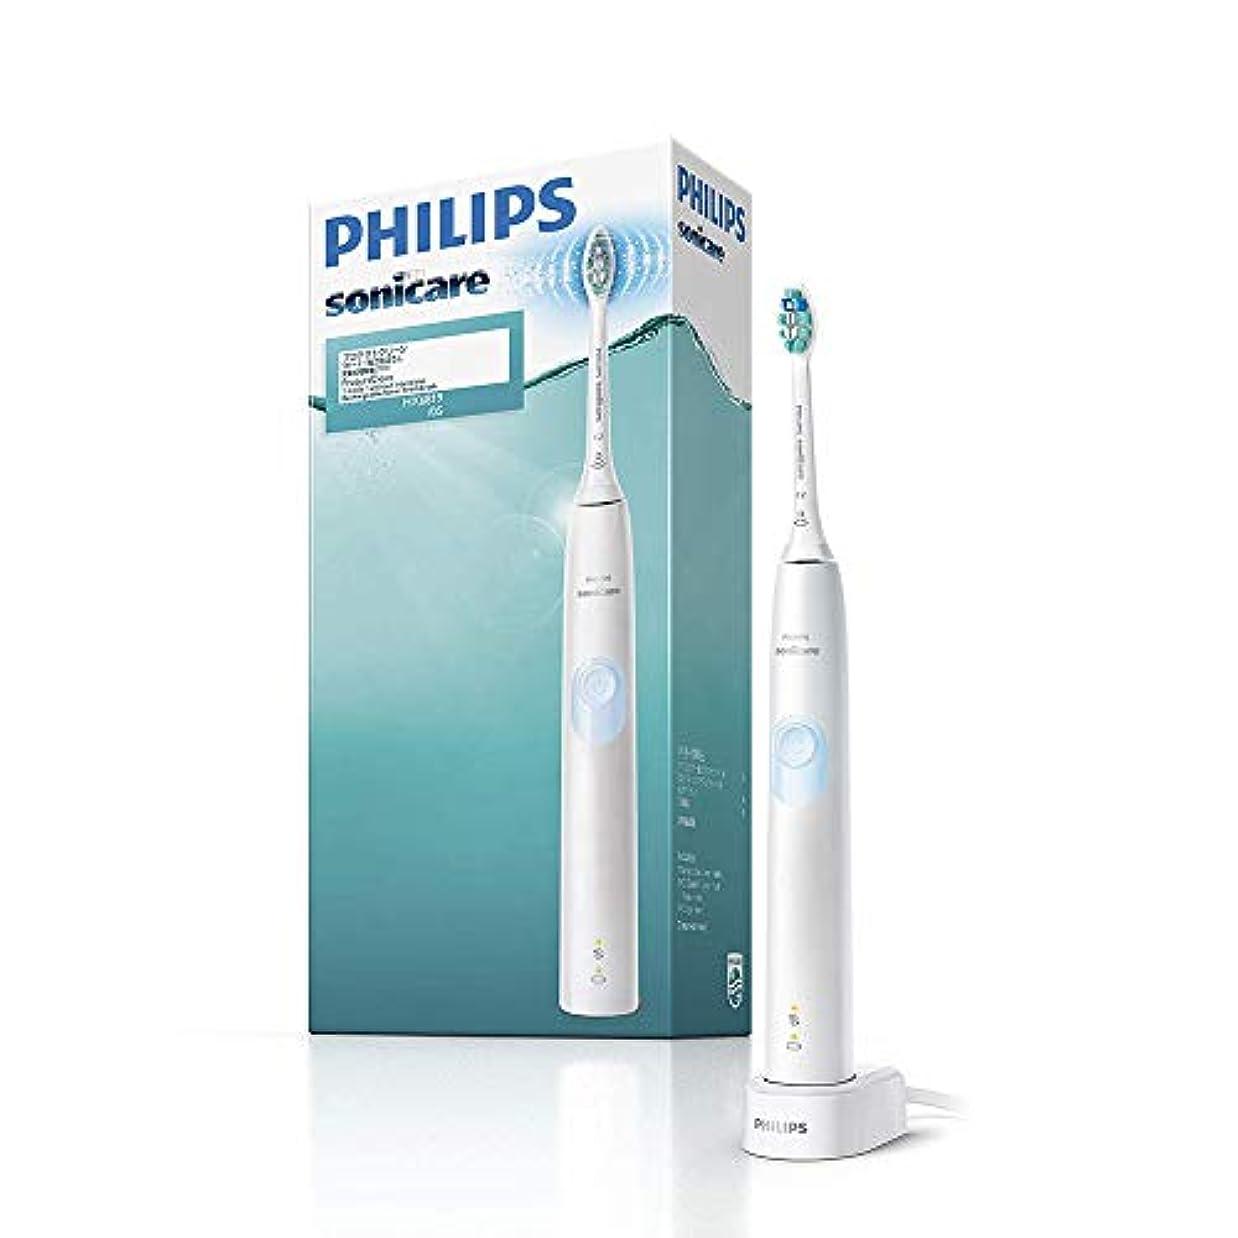 試みる案件の【Amazon.co.jp限定】フィリップス ソニッケアー プロテクトクリーン ホワイトライトブルー 電動歯ブラシ 強さ設定なし HX6819/05